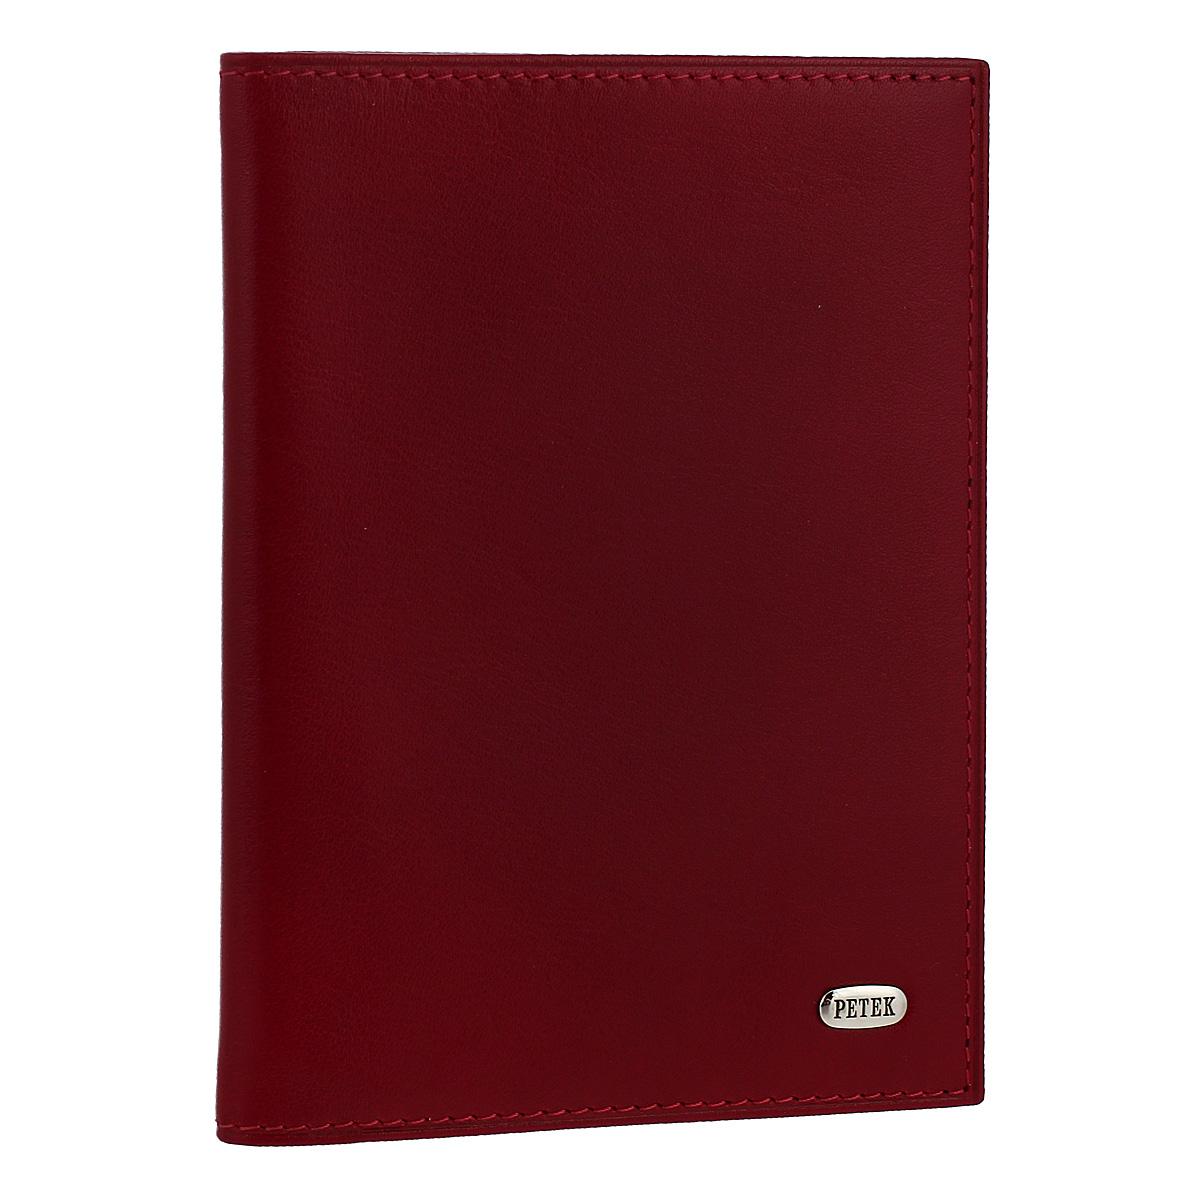 Обложка на автодокументы Red, цвет: красный. 584.4000.10584.4000.10 RedОбложка на автодокументы Red, выполненная из натуральной кожи, не только поможет сохранить внешний вид ваших документов и защитит их от повреждений, но и станет стильным аксессуаром, идеально подходящим вашему образу. Внутри четыре прорезных кармана для кредитных карт, удобный блок для водительских документов из прозрачного пластика и пять карманов для бумаг из прозрачного пластика. Такая обложка станет замечательным подарком человеку, ценящему качественные и практичные вещи.